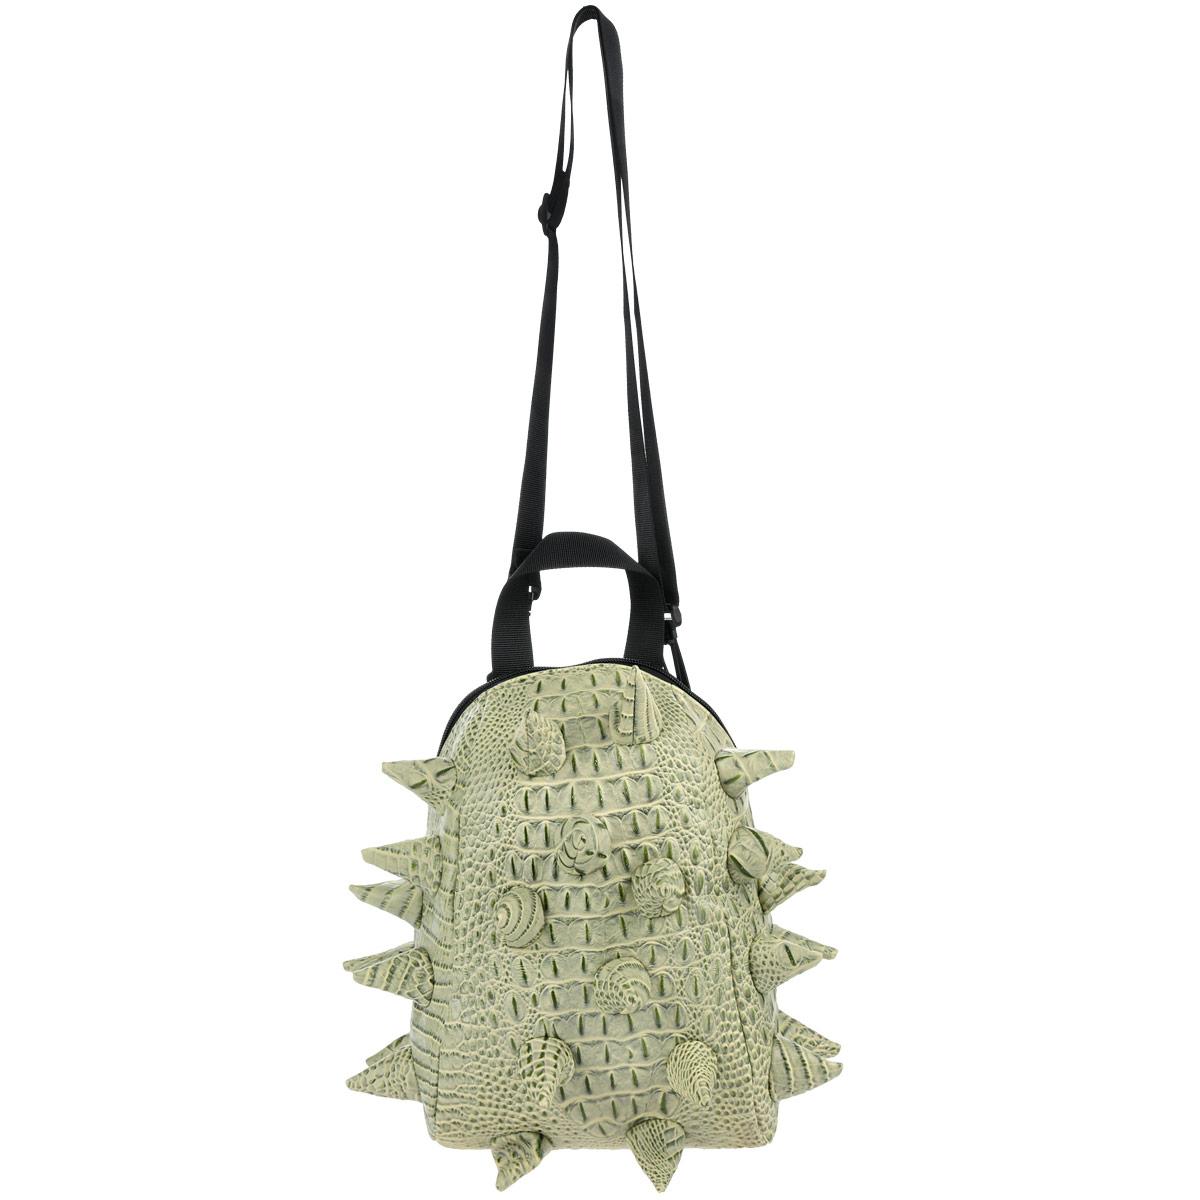 MadPax Рюкзак детский Gator Nibbler цвет салатовый зеленый72523WDДетский рюкзак Gator Nibbler обязательно понравится вашей малышке, и она с удовольствием будет носить в нем любимые вещи или игрушки. Рюкзак сделан из современных полимерных материалов (поливинил) - эффект натуральной, грубо выделанной шкуры рептилии. Поверхность рюкзака декорирована конусообразными вставками из того же материала, что и основная. Рюкзак состоит из одного вместительного отделения на молнии, внутри которого имеется крепление для напитков в виде небольшой боковой перегородки-сетки. На задней стенке рюкзак дополнен небольшим карманом-окошком для контактной информации. К изделию прилагаются мягкие плечевые ремни с несколькими пряжками для надежной фиксации. Рюкзак оснащен ручкой для переноски. Подкладка нейлоновая - рюкзак легко чистится, и сохраняет форму, защищая содержимое.